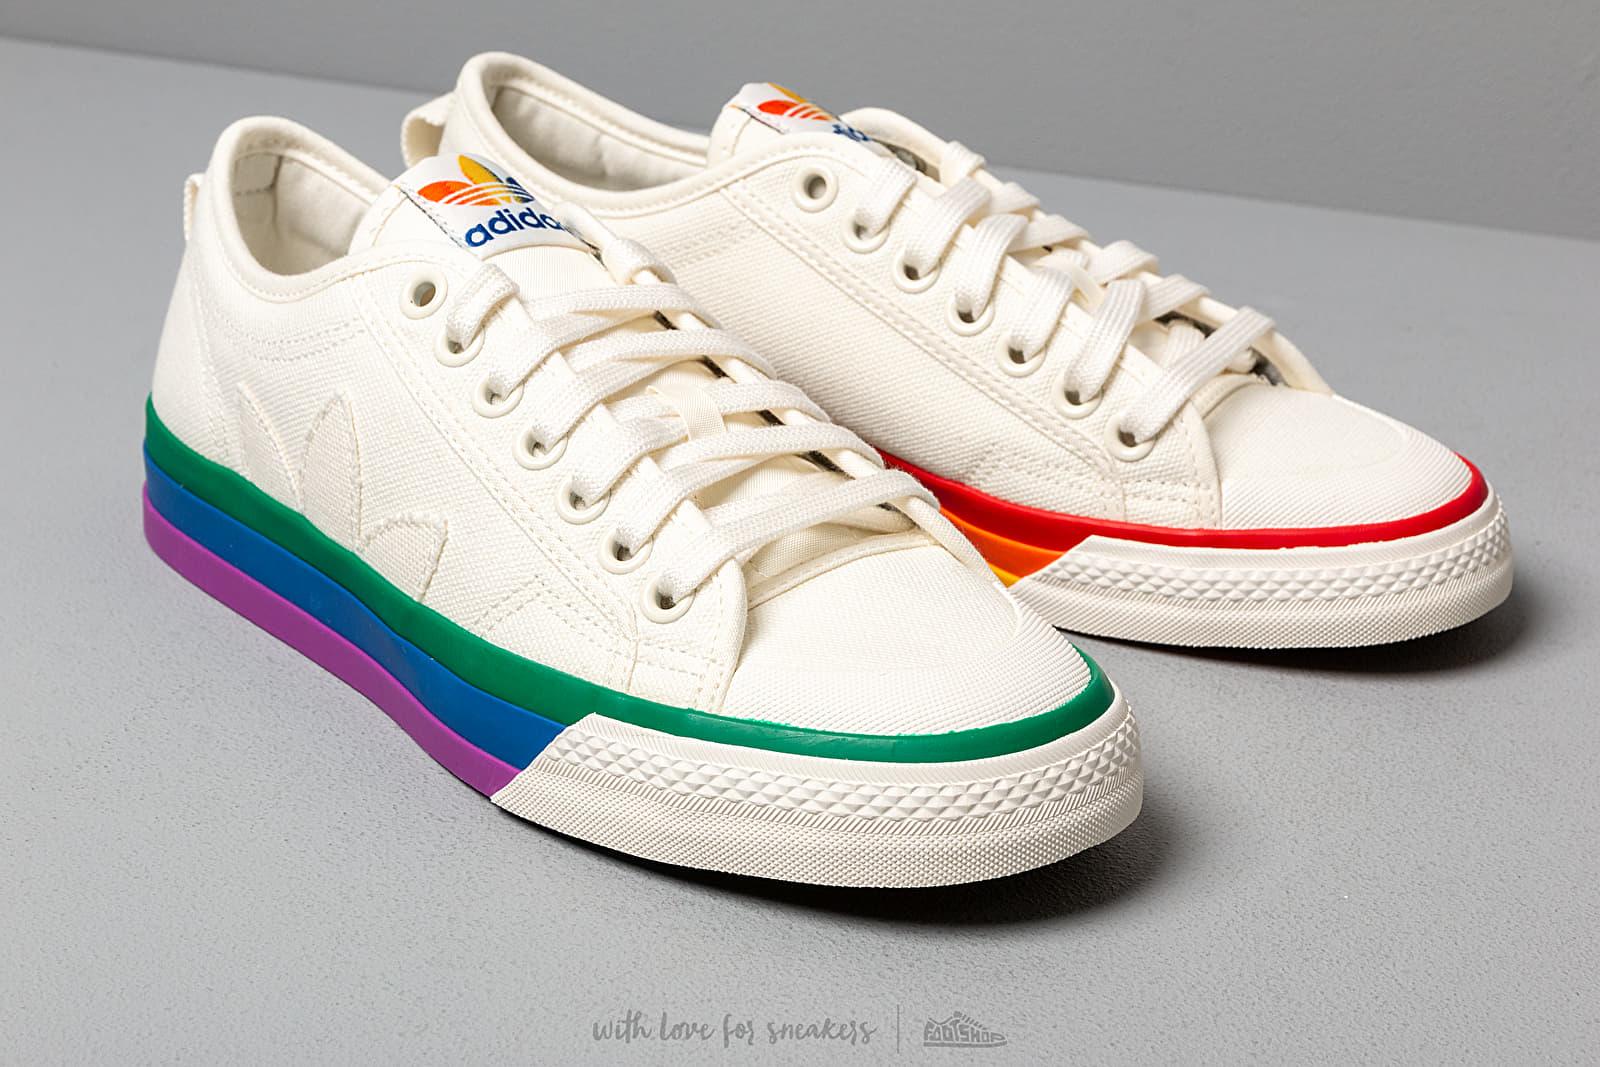 Adidas - FootShop.sk